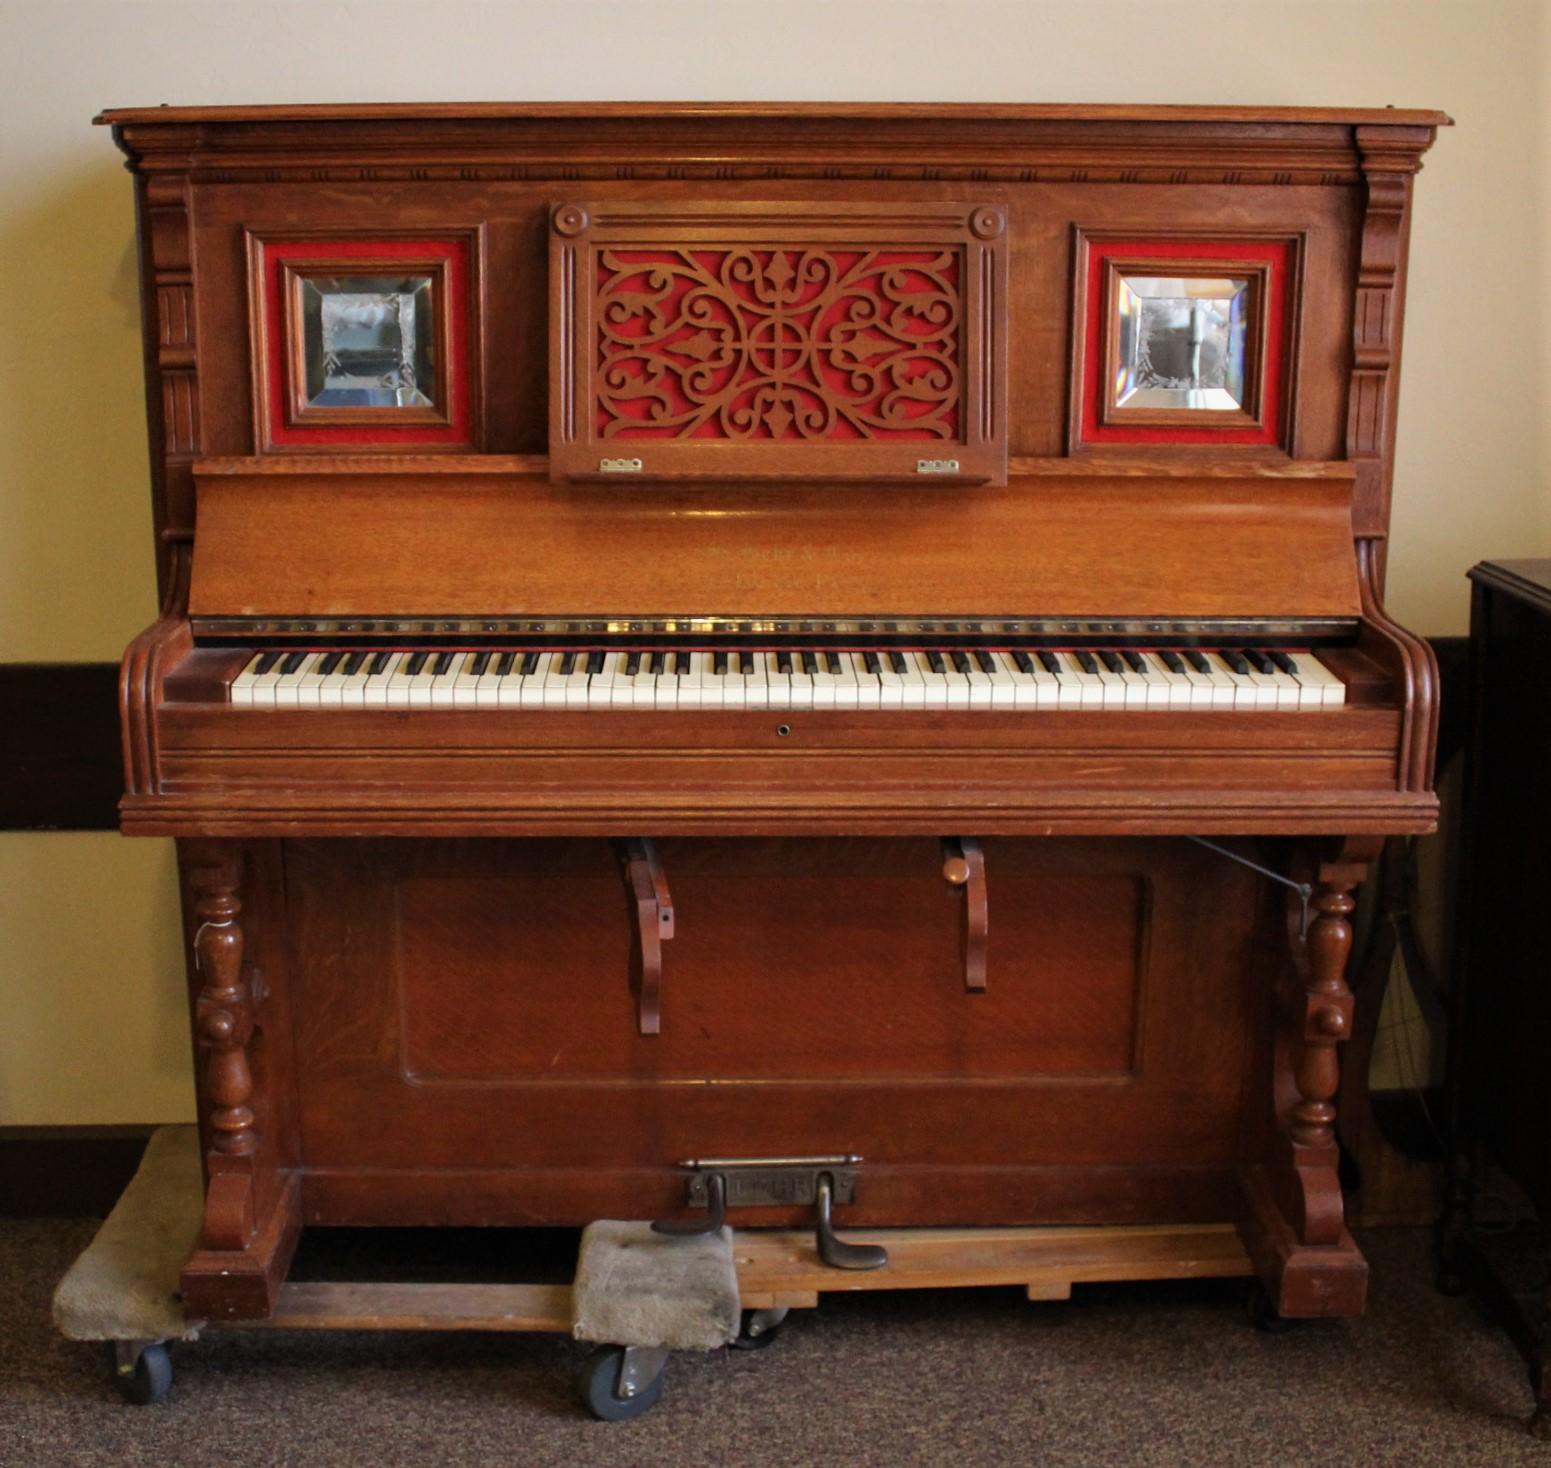 Geisendorfer Hotel Organ - 2001-104-001